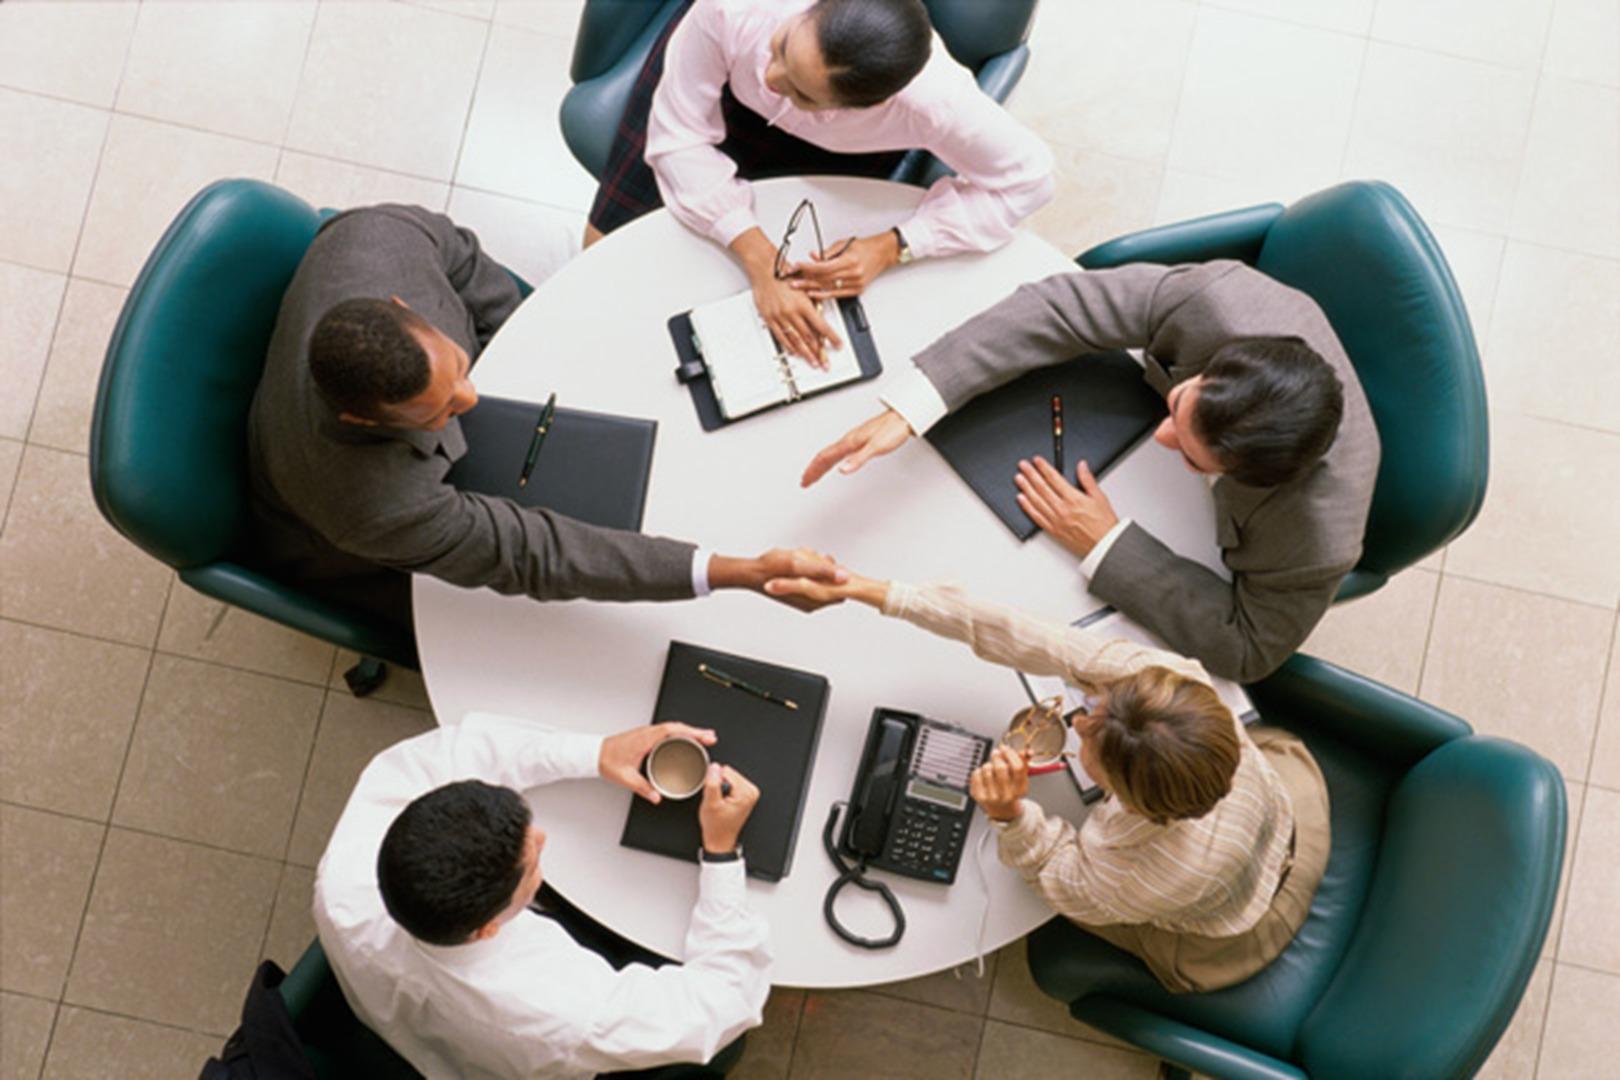 Ufficio Di Mediazione : Le spese di mediazione devono essere rimborsate dal soccombente in